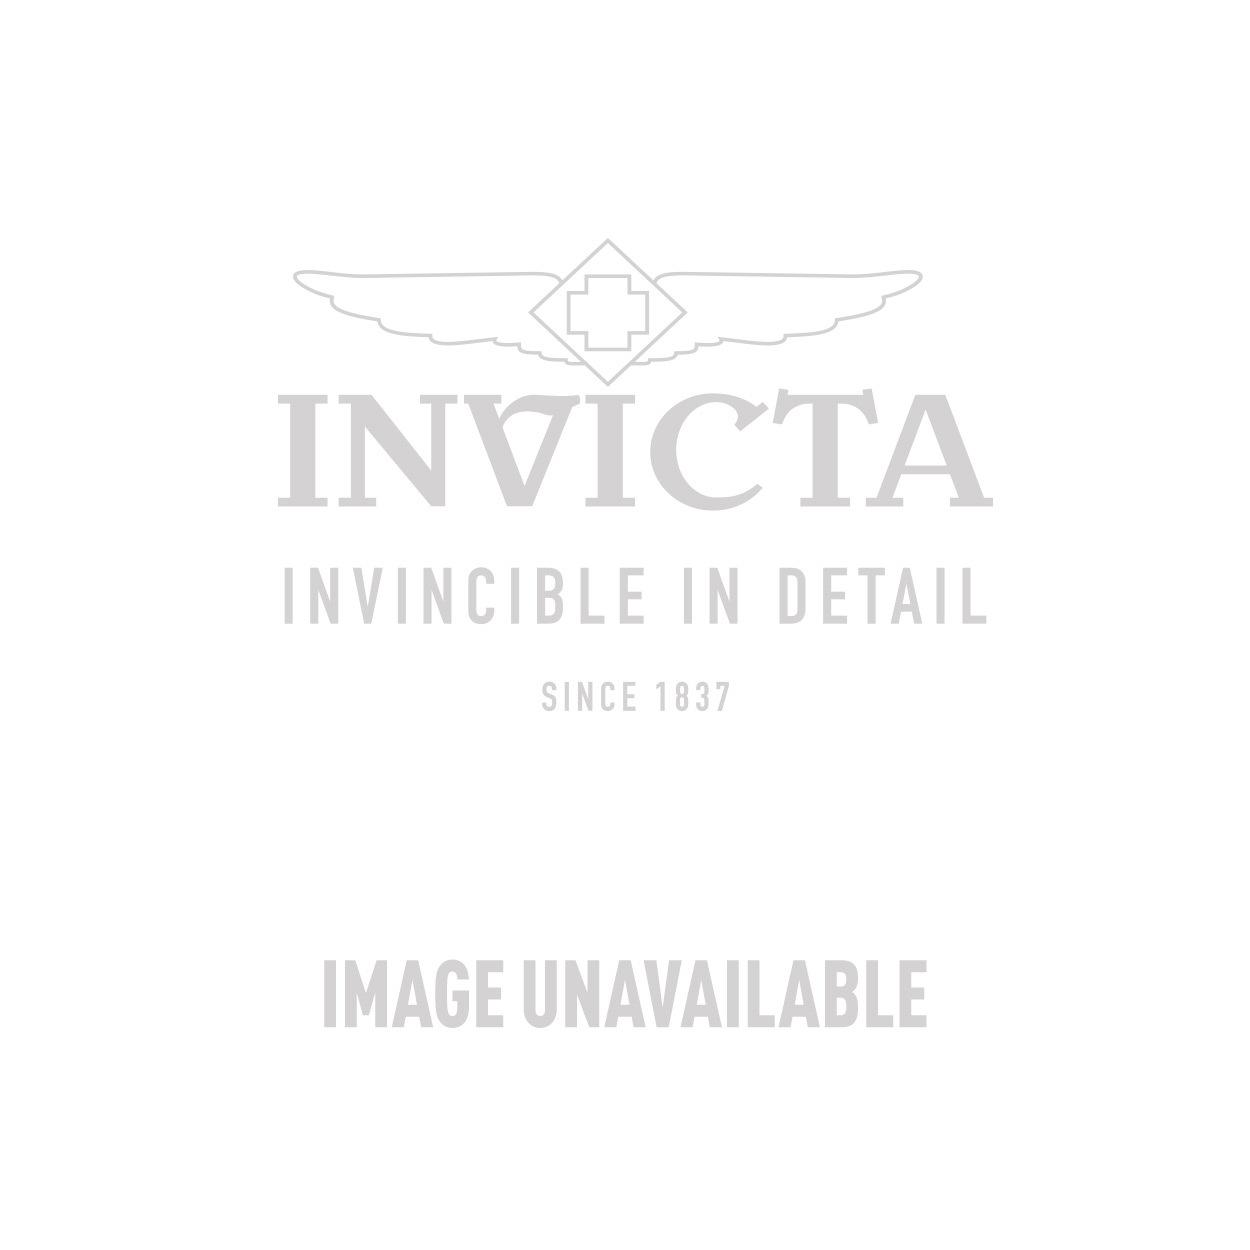 Invicta Model 25448